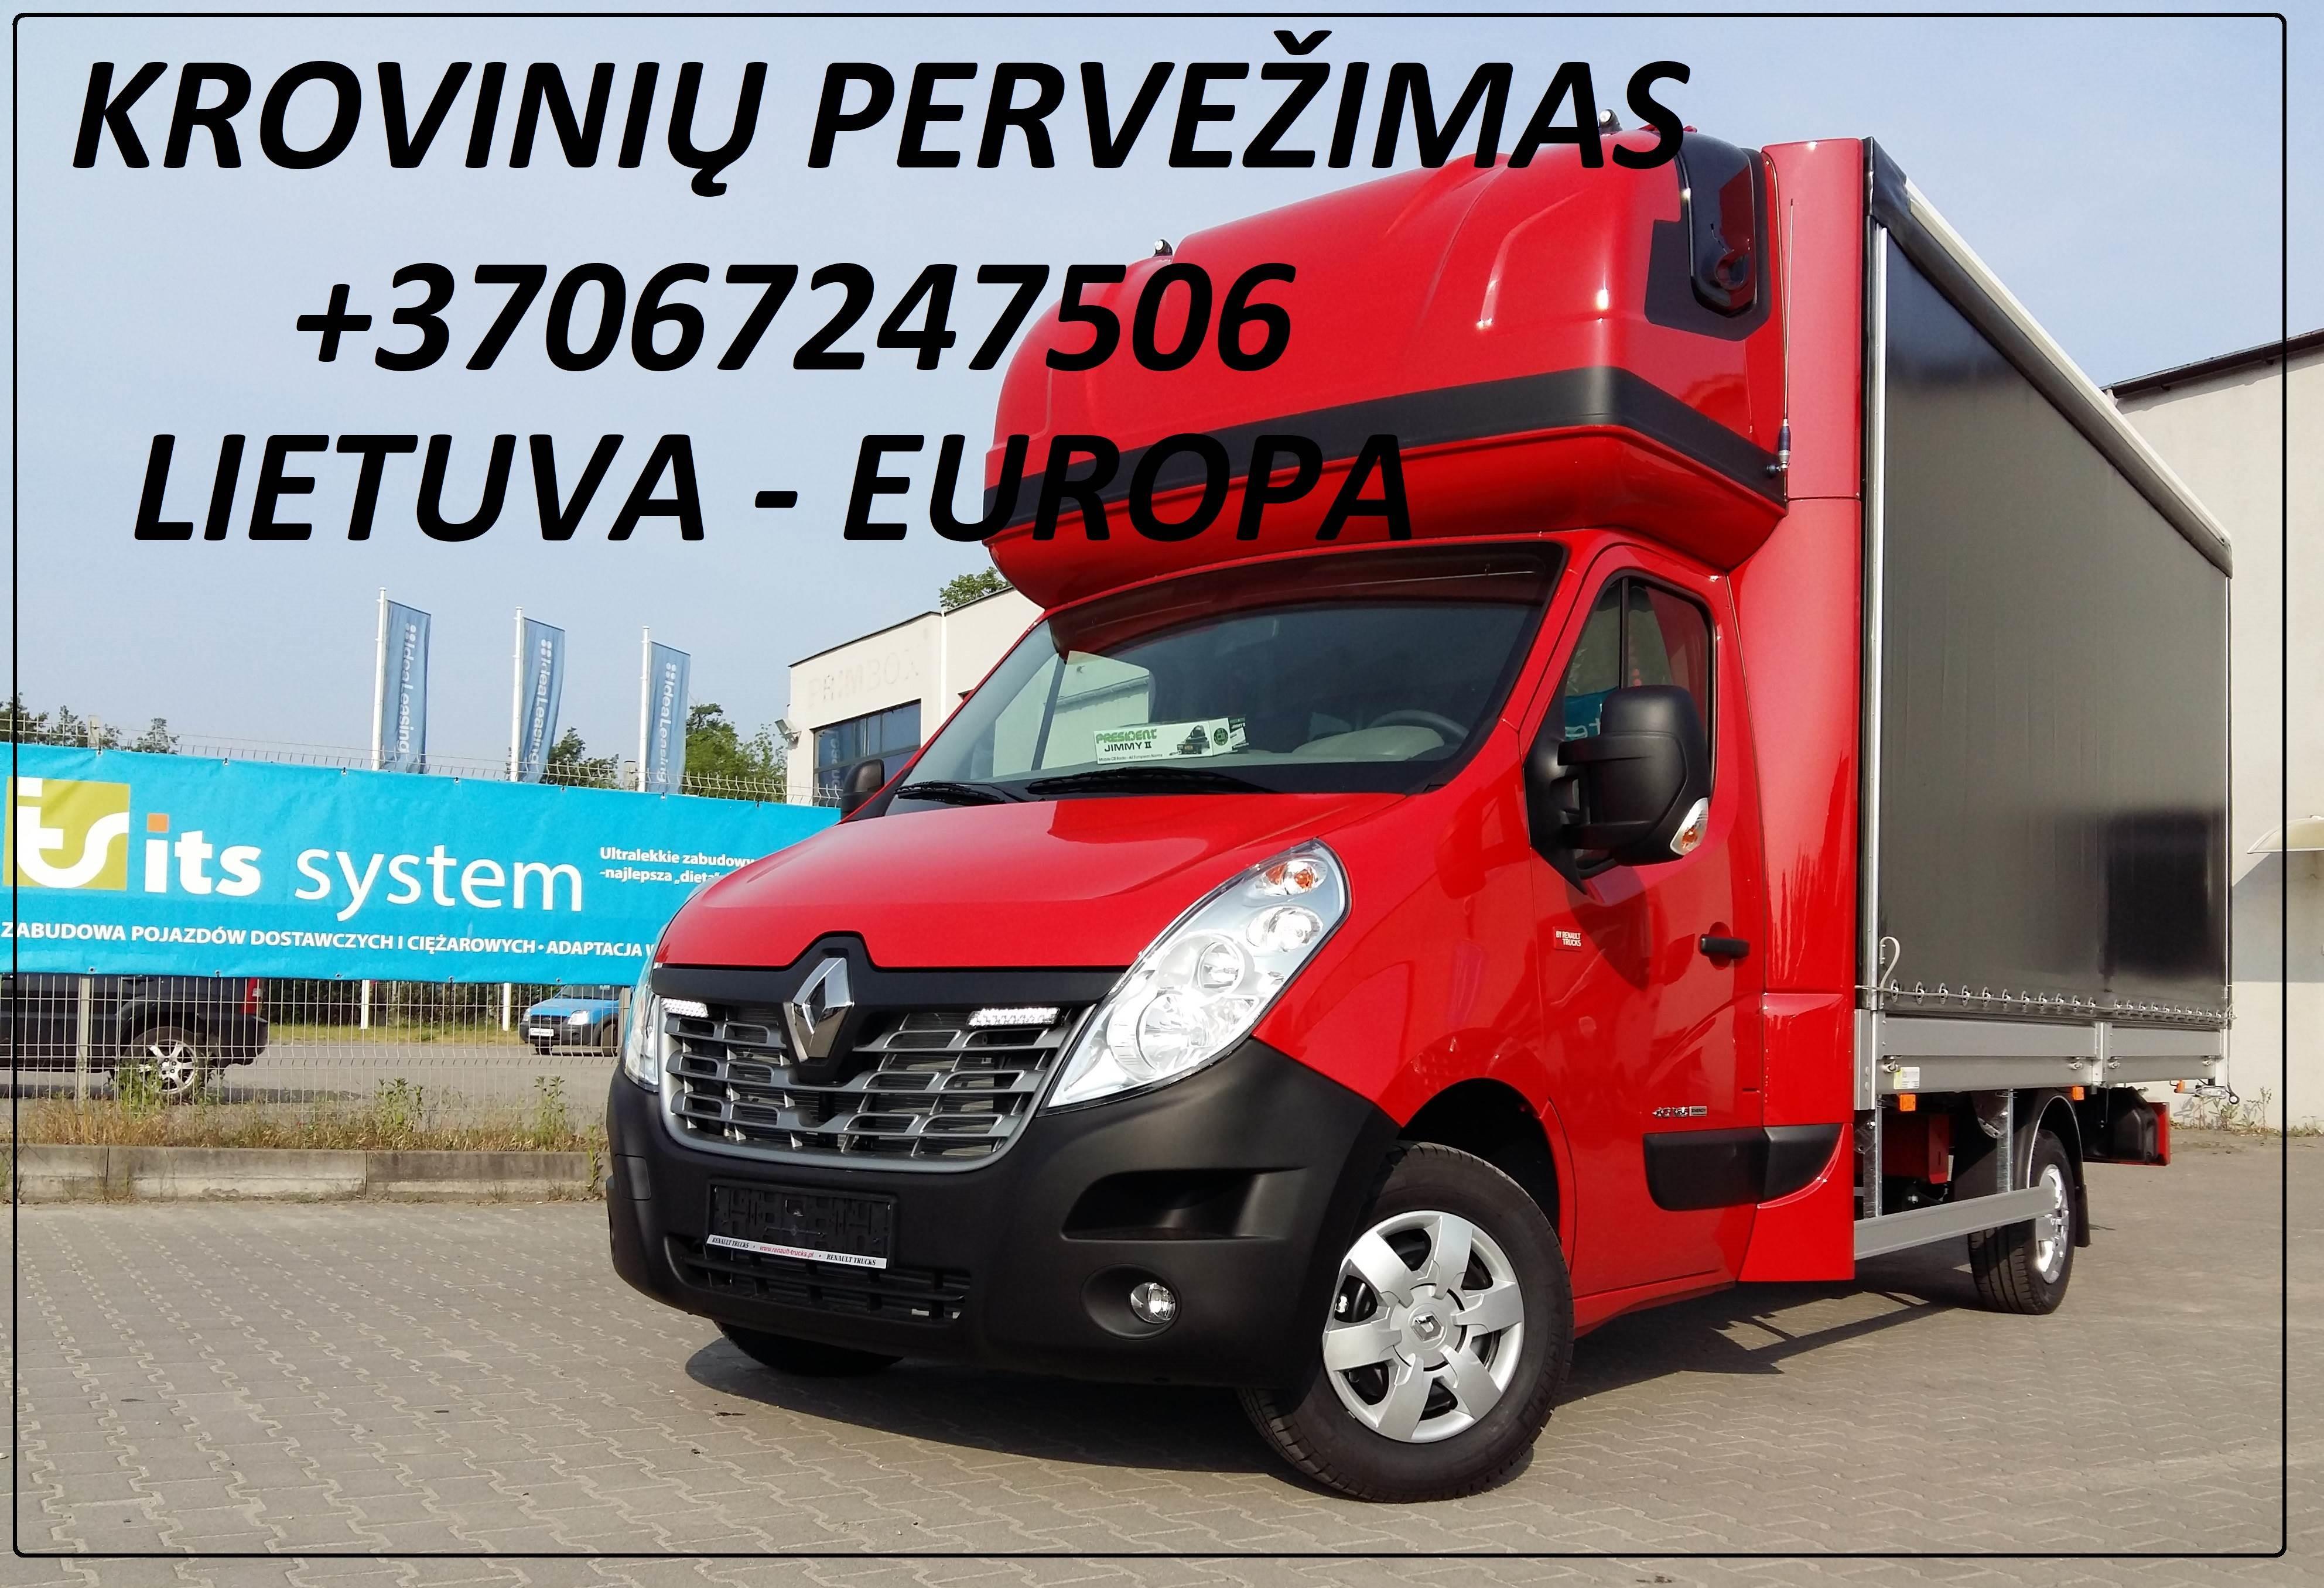 Vokietija🇩🇪Olandija🇳🇱Belgija LIETUVA Tentiniai(8 eur pll)mikroautobusai ....Galimas expres kroviniu pervezimas +37067247506 Ekspres pervežimai +37